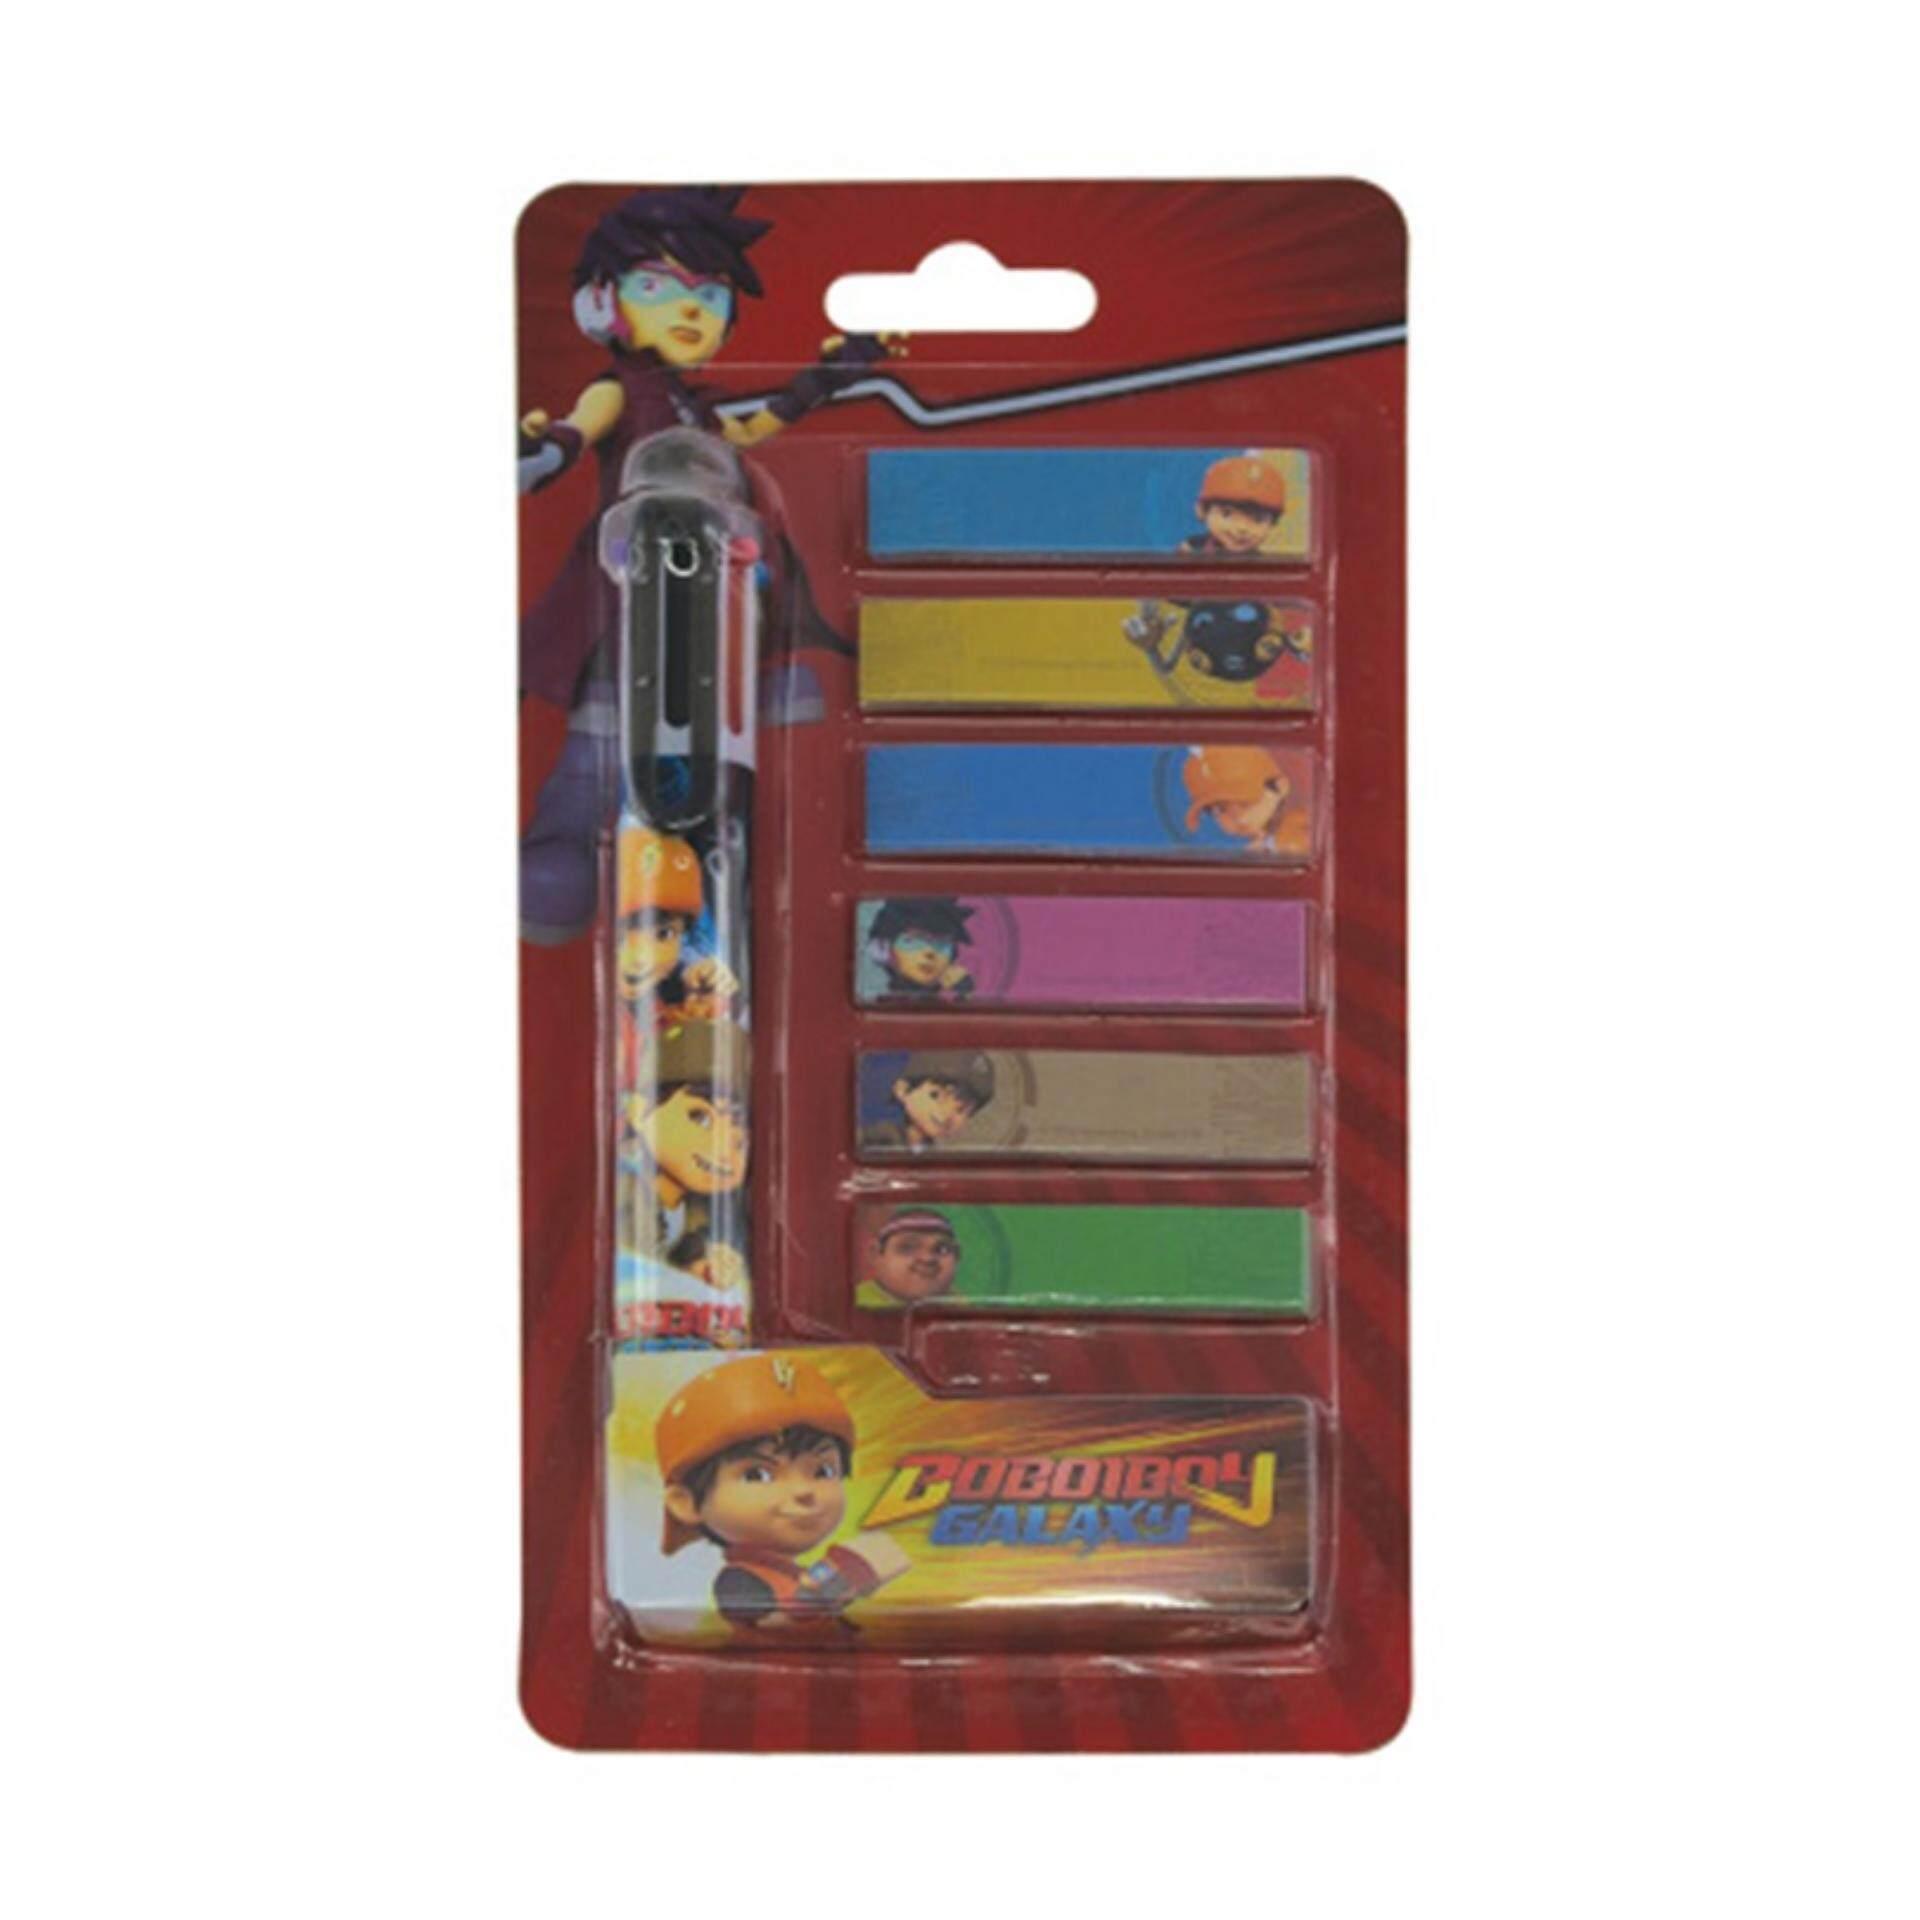 Boboiboy Galaxy Ball Pen Set - Red Colour